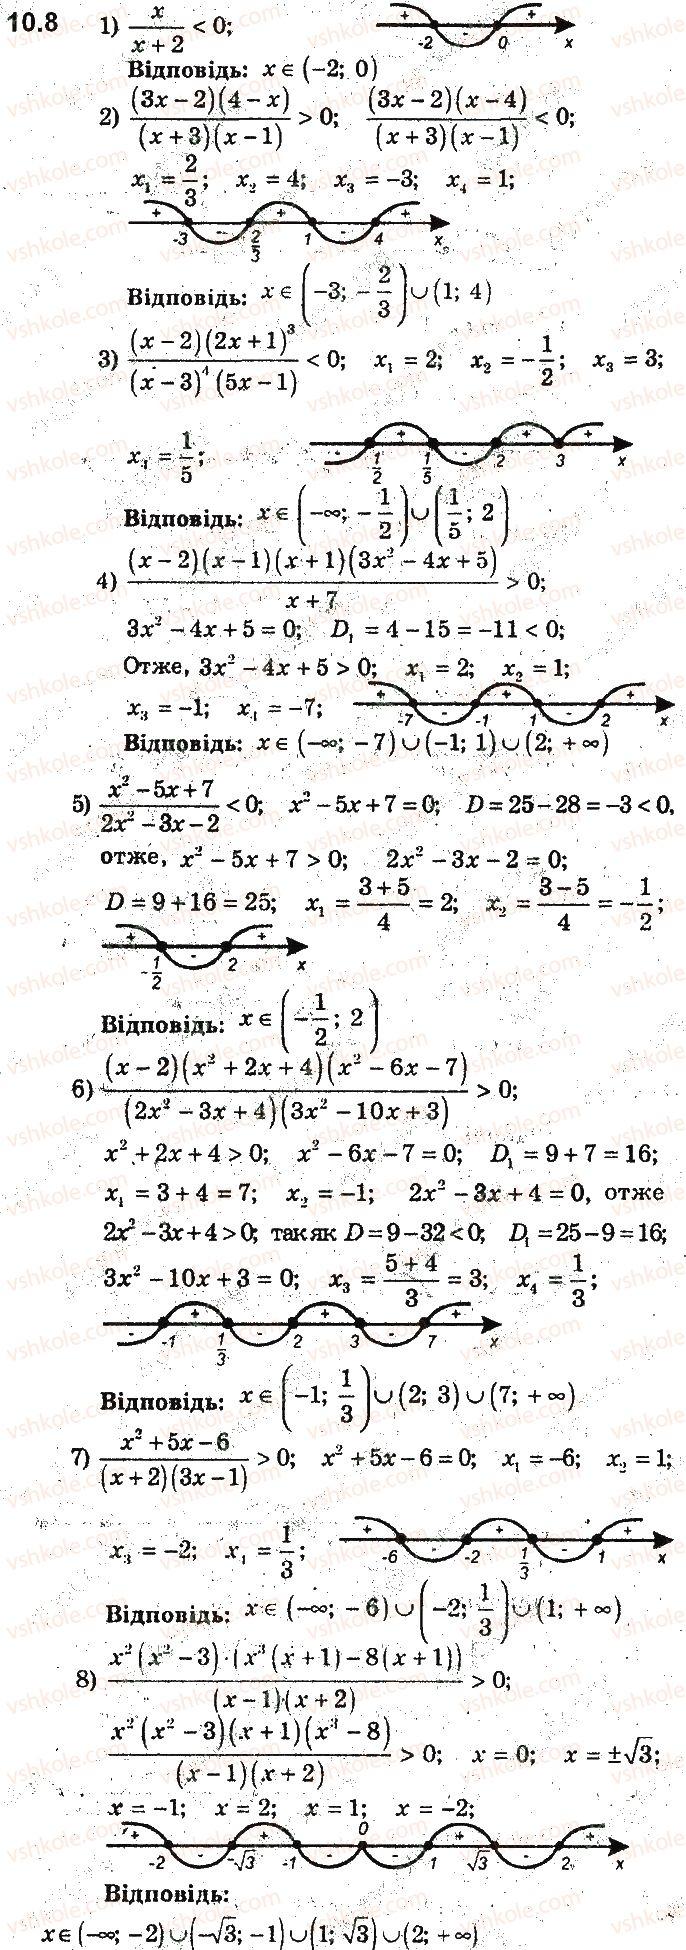 9-algebra-ag-merzlyak-vb-polonskij-ms-yakir-2017-pogliblene-vivchennya--2-kvadratichna-funktsiya-10-rozvyazuvannya-nerivnostej-metodom-intervaliv-8.jpg